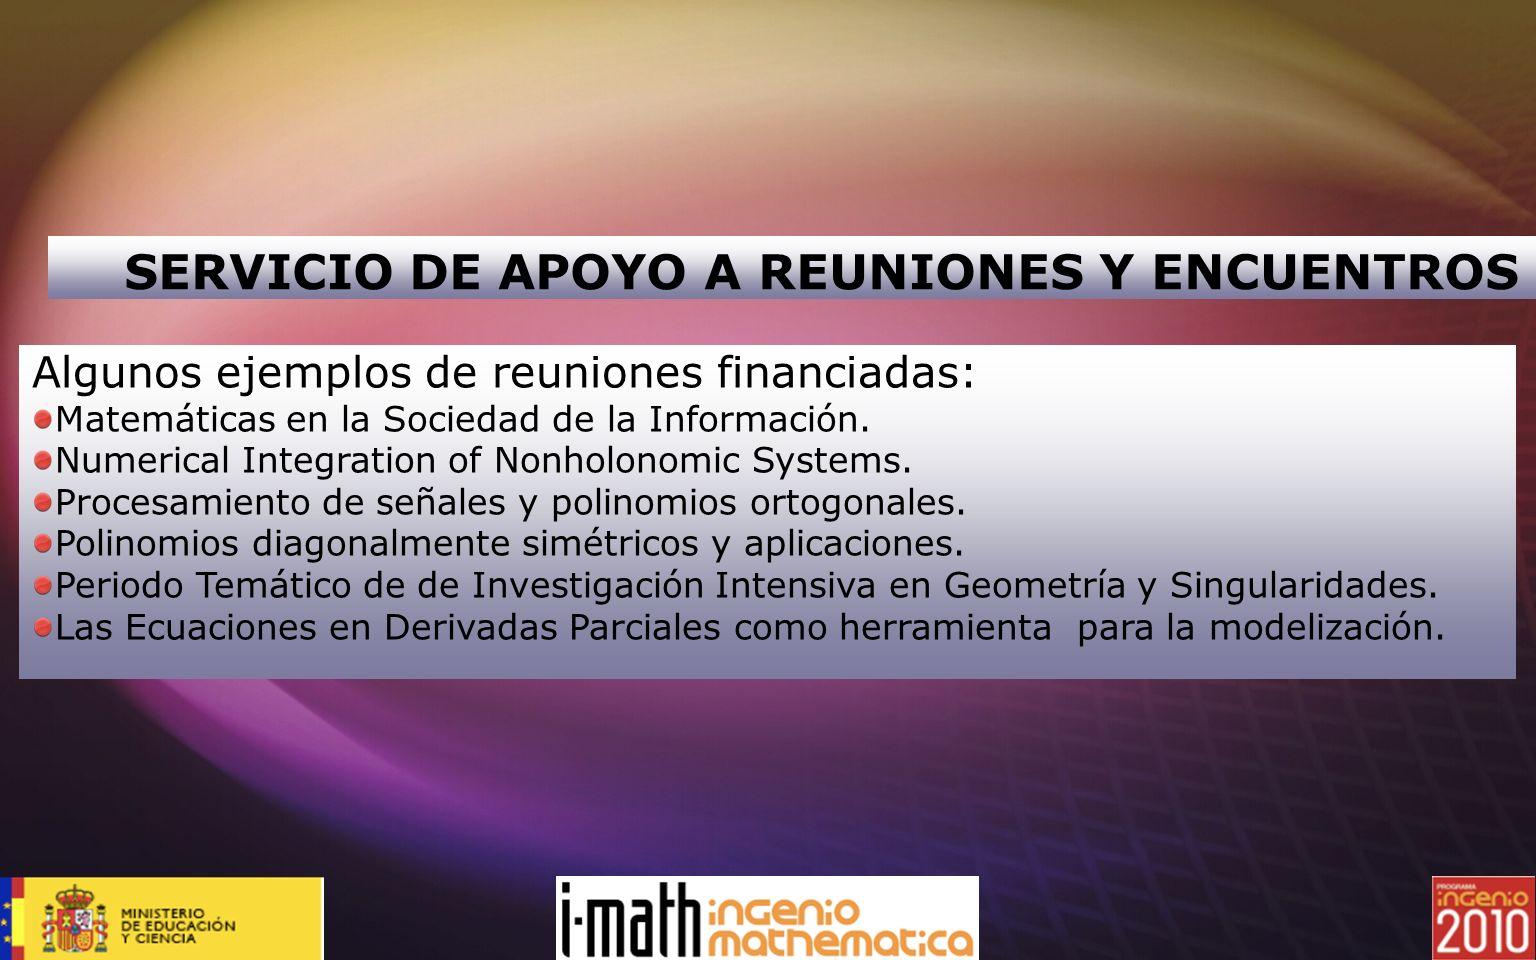 SERVICIO DE APOYO A REUNIONES Y ENCUENTROS Algunos ejemplos de reuniones financiadas: Matemáticas en la Sociedad de la Información. Numerical Integrat